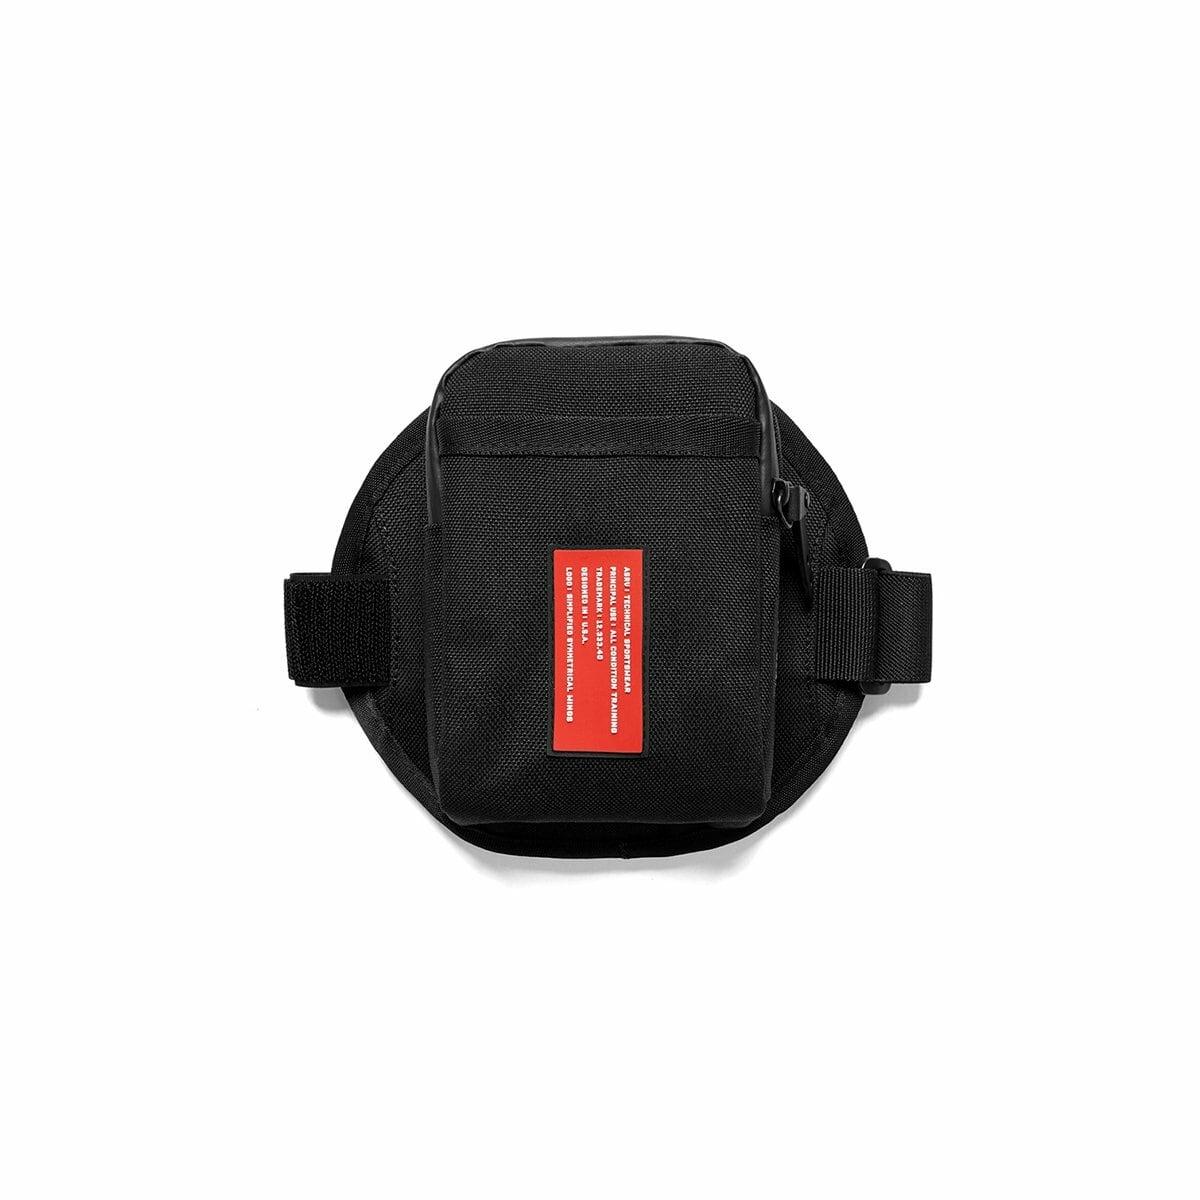 【ASRV】Cordura® Urban-Training®防水アームバック- Black